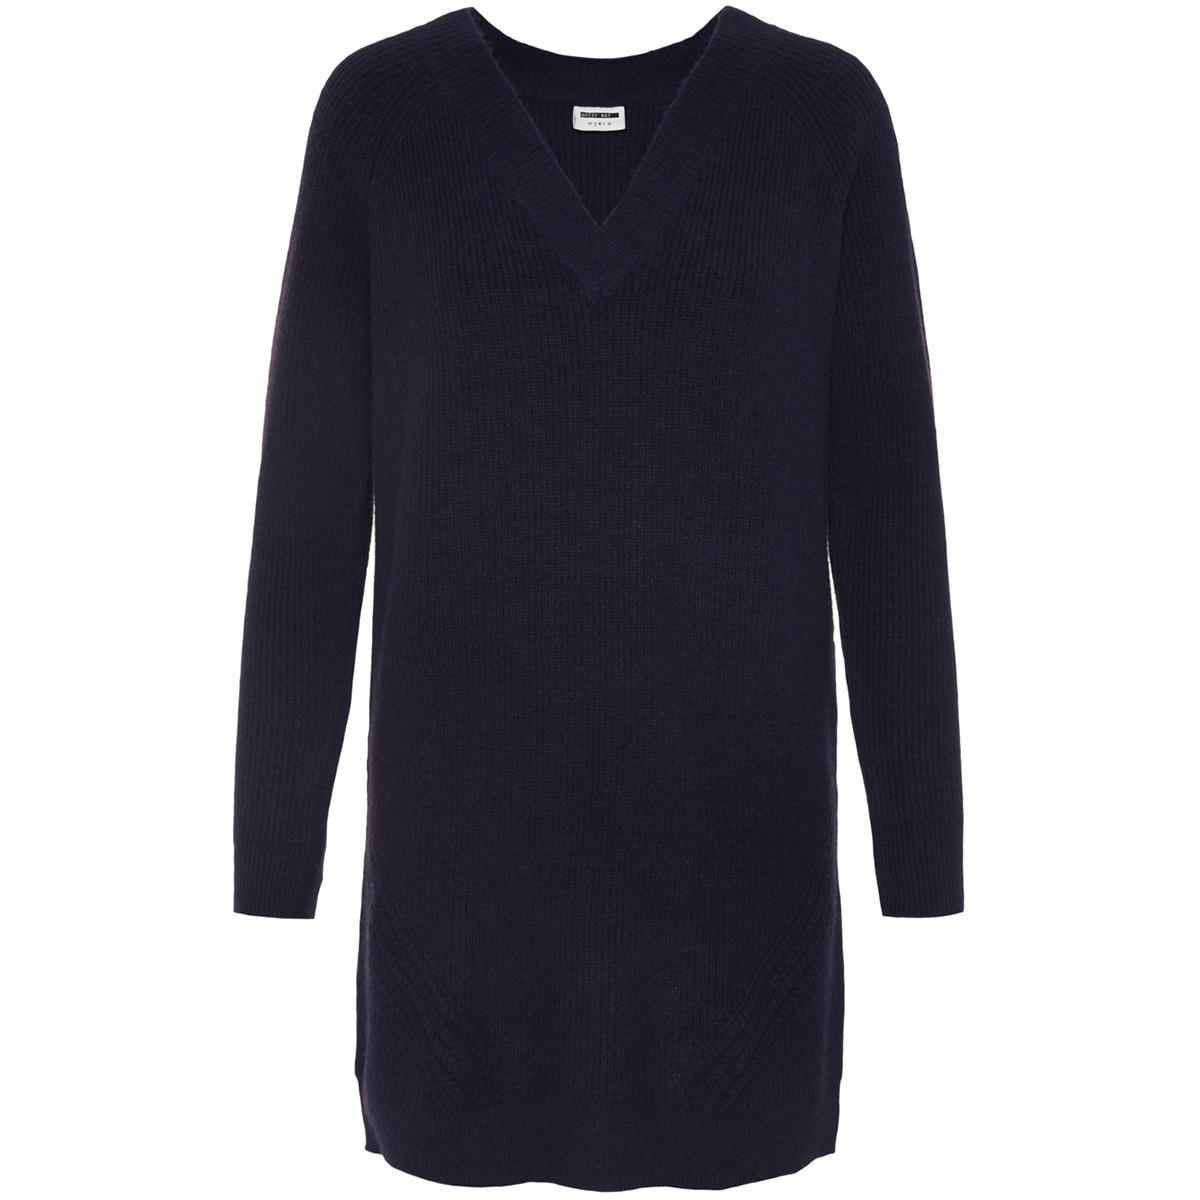 nmsati l/s v-neck cable knit dress 27002433 noisy may jurk night sky